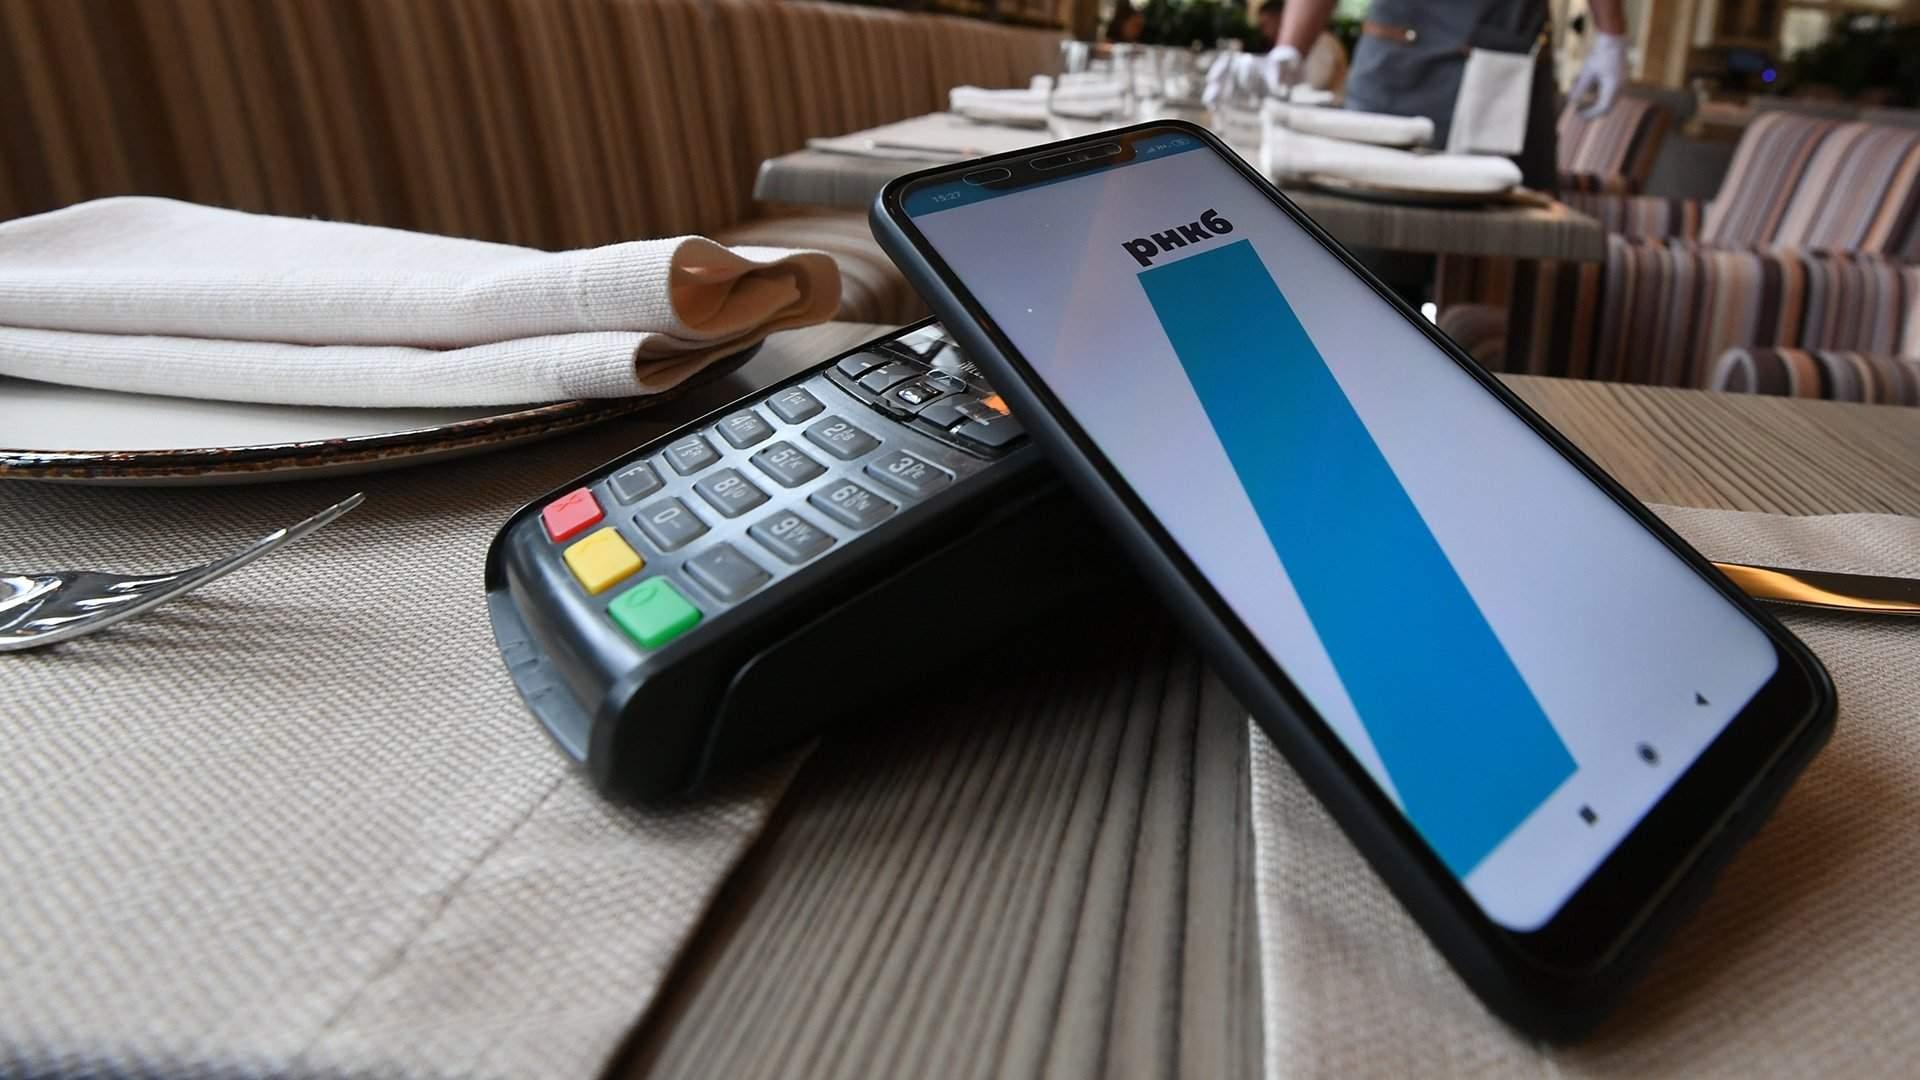 как перевести деньги на карту по номеру телефона через сбербанк онлайн видео